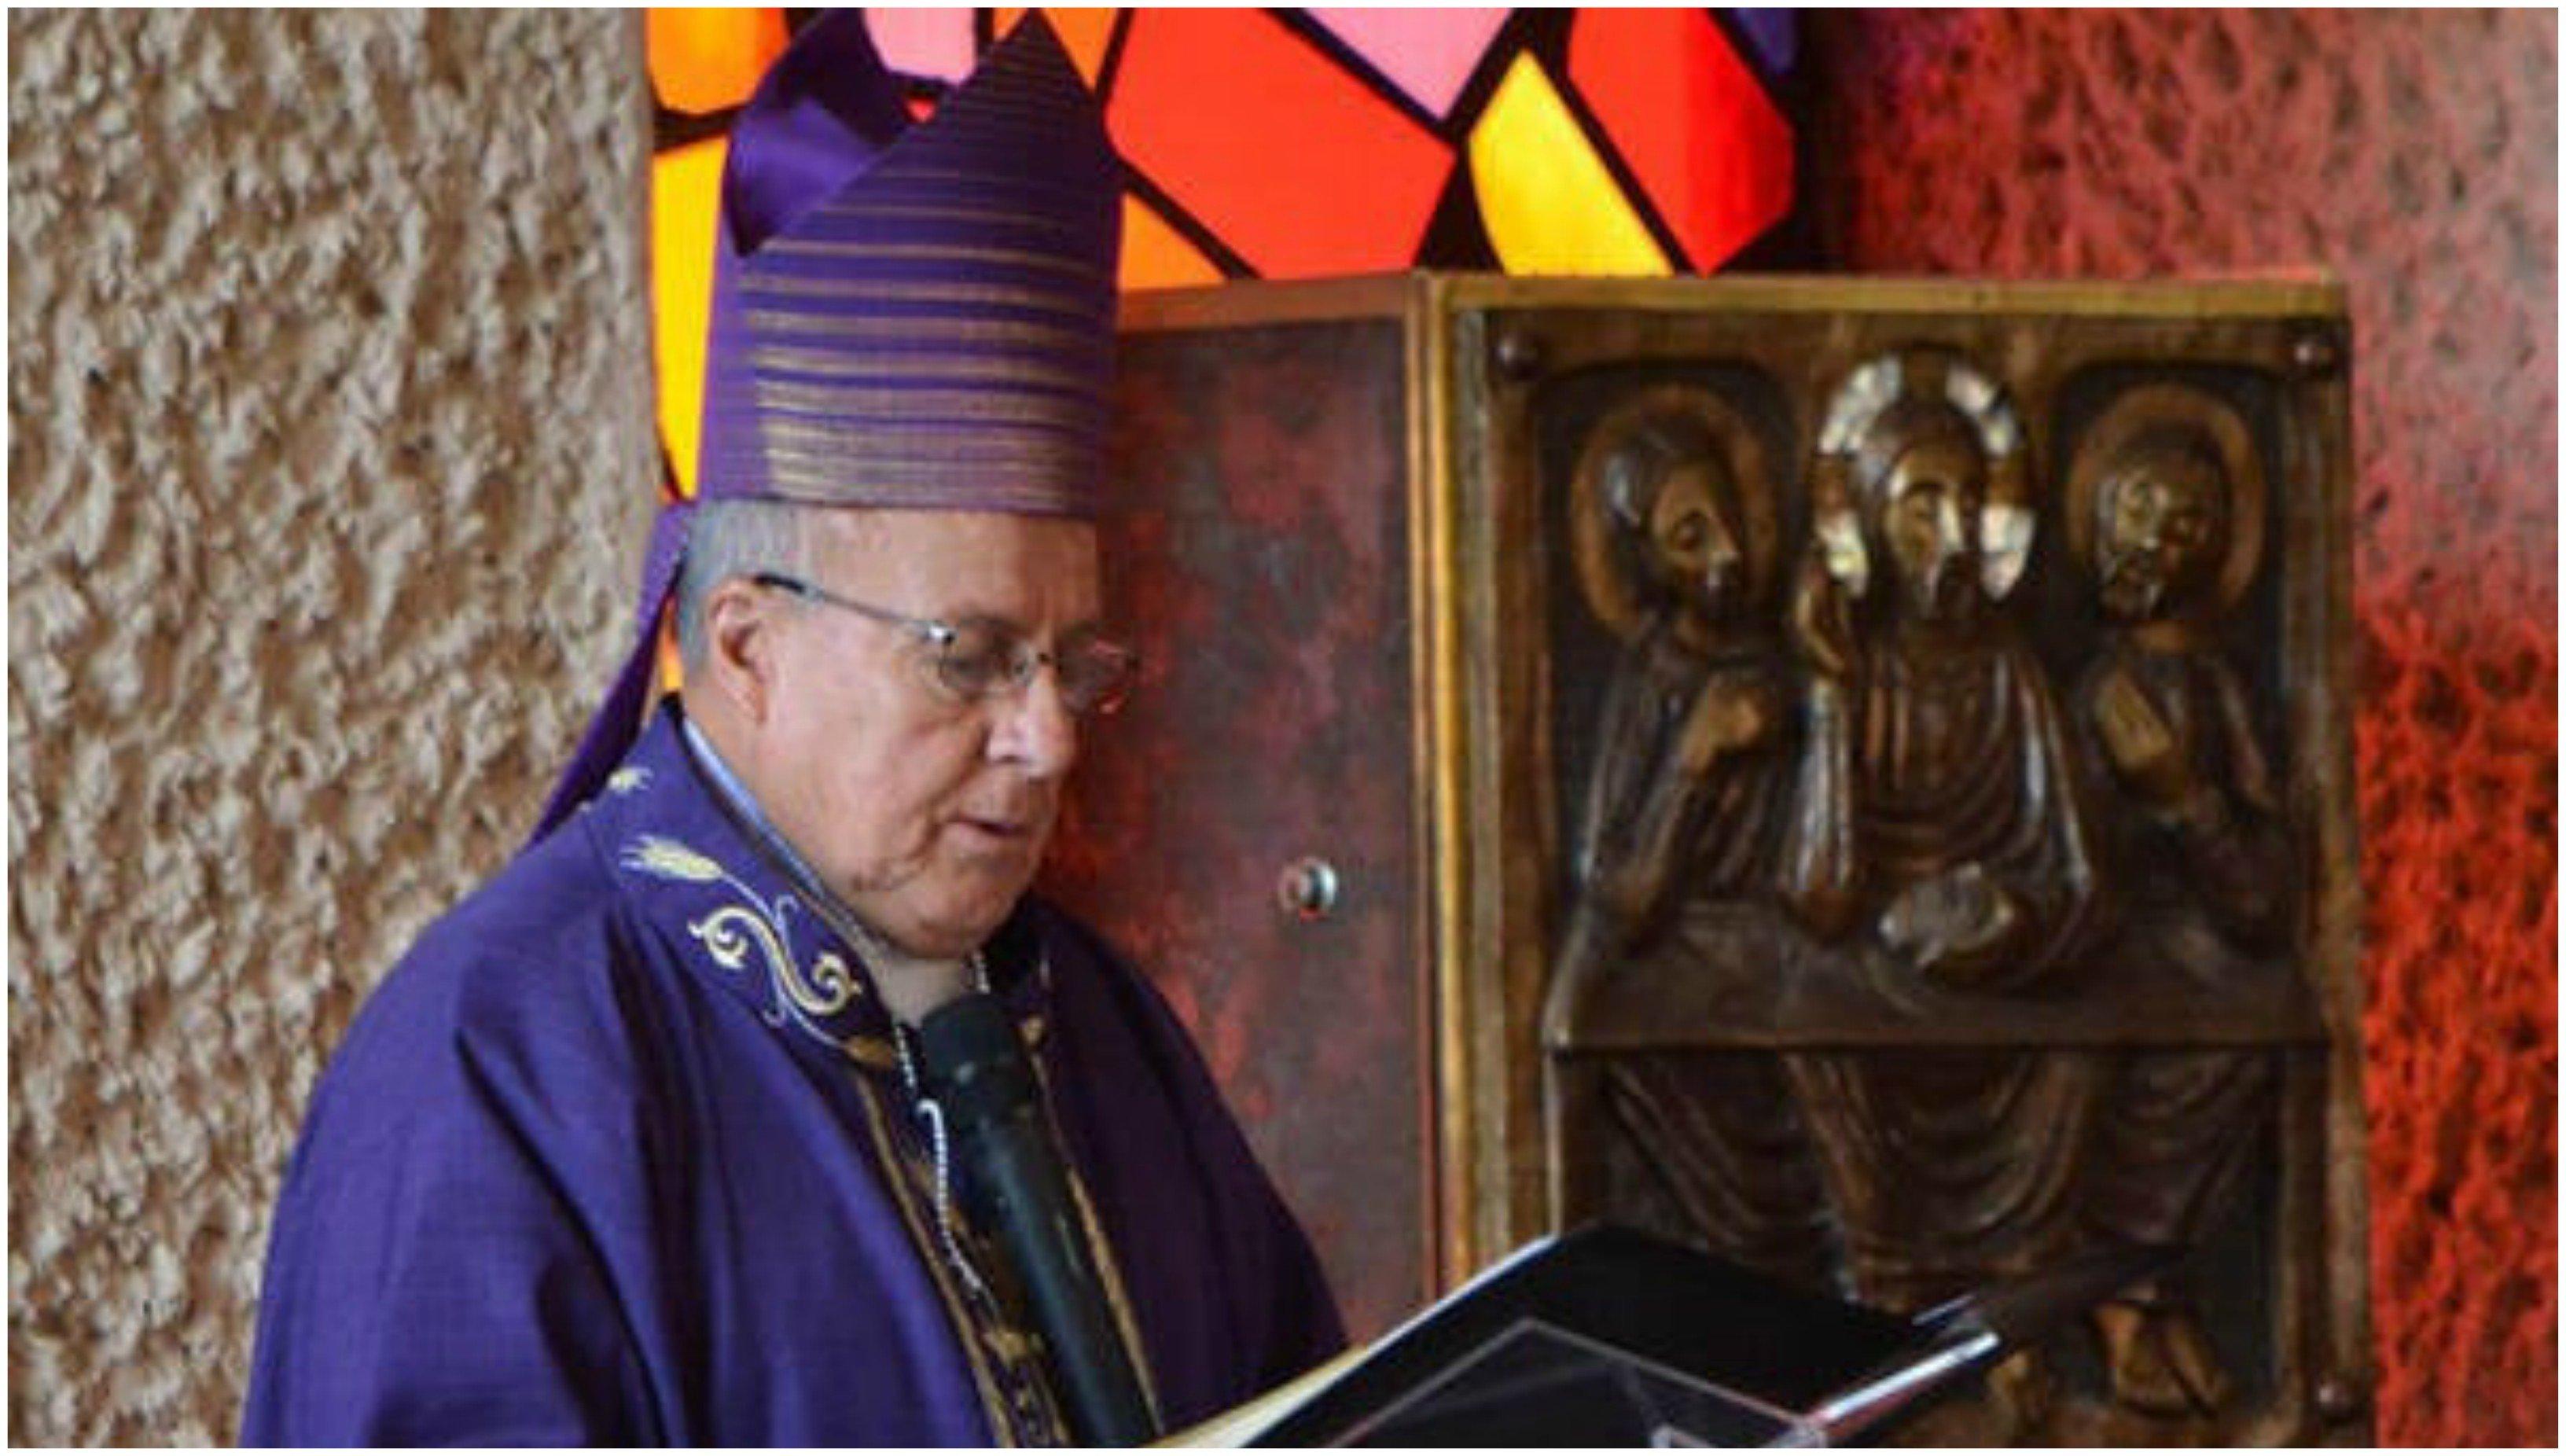 El arzobispo de San Luis Potosí recupera aquello para lo que nació la excomunión: expulsa de la Iglesia a unos ladrones que profanaron la Eucaristía